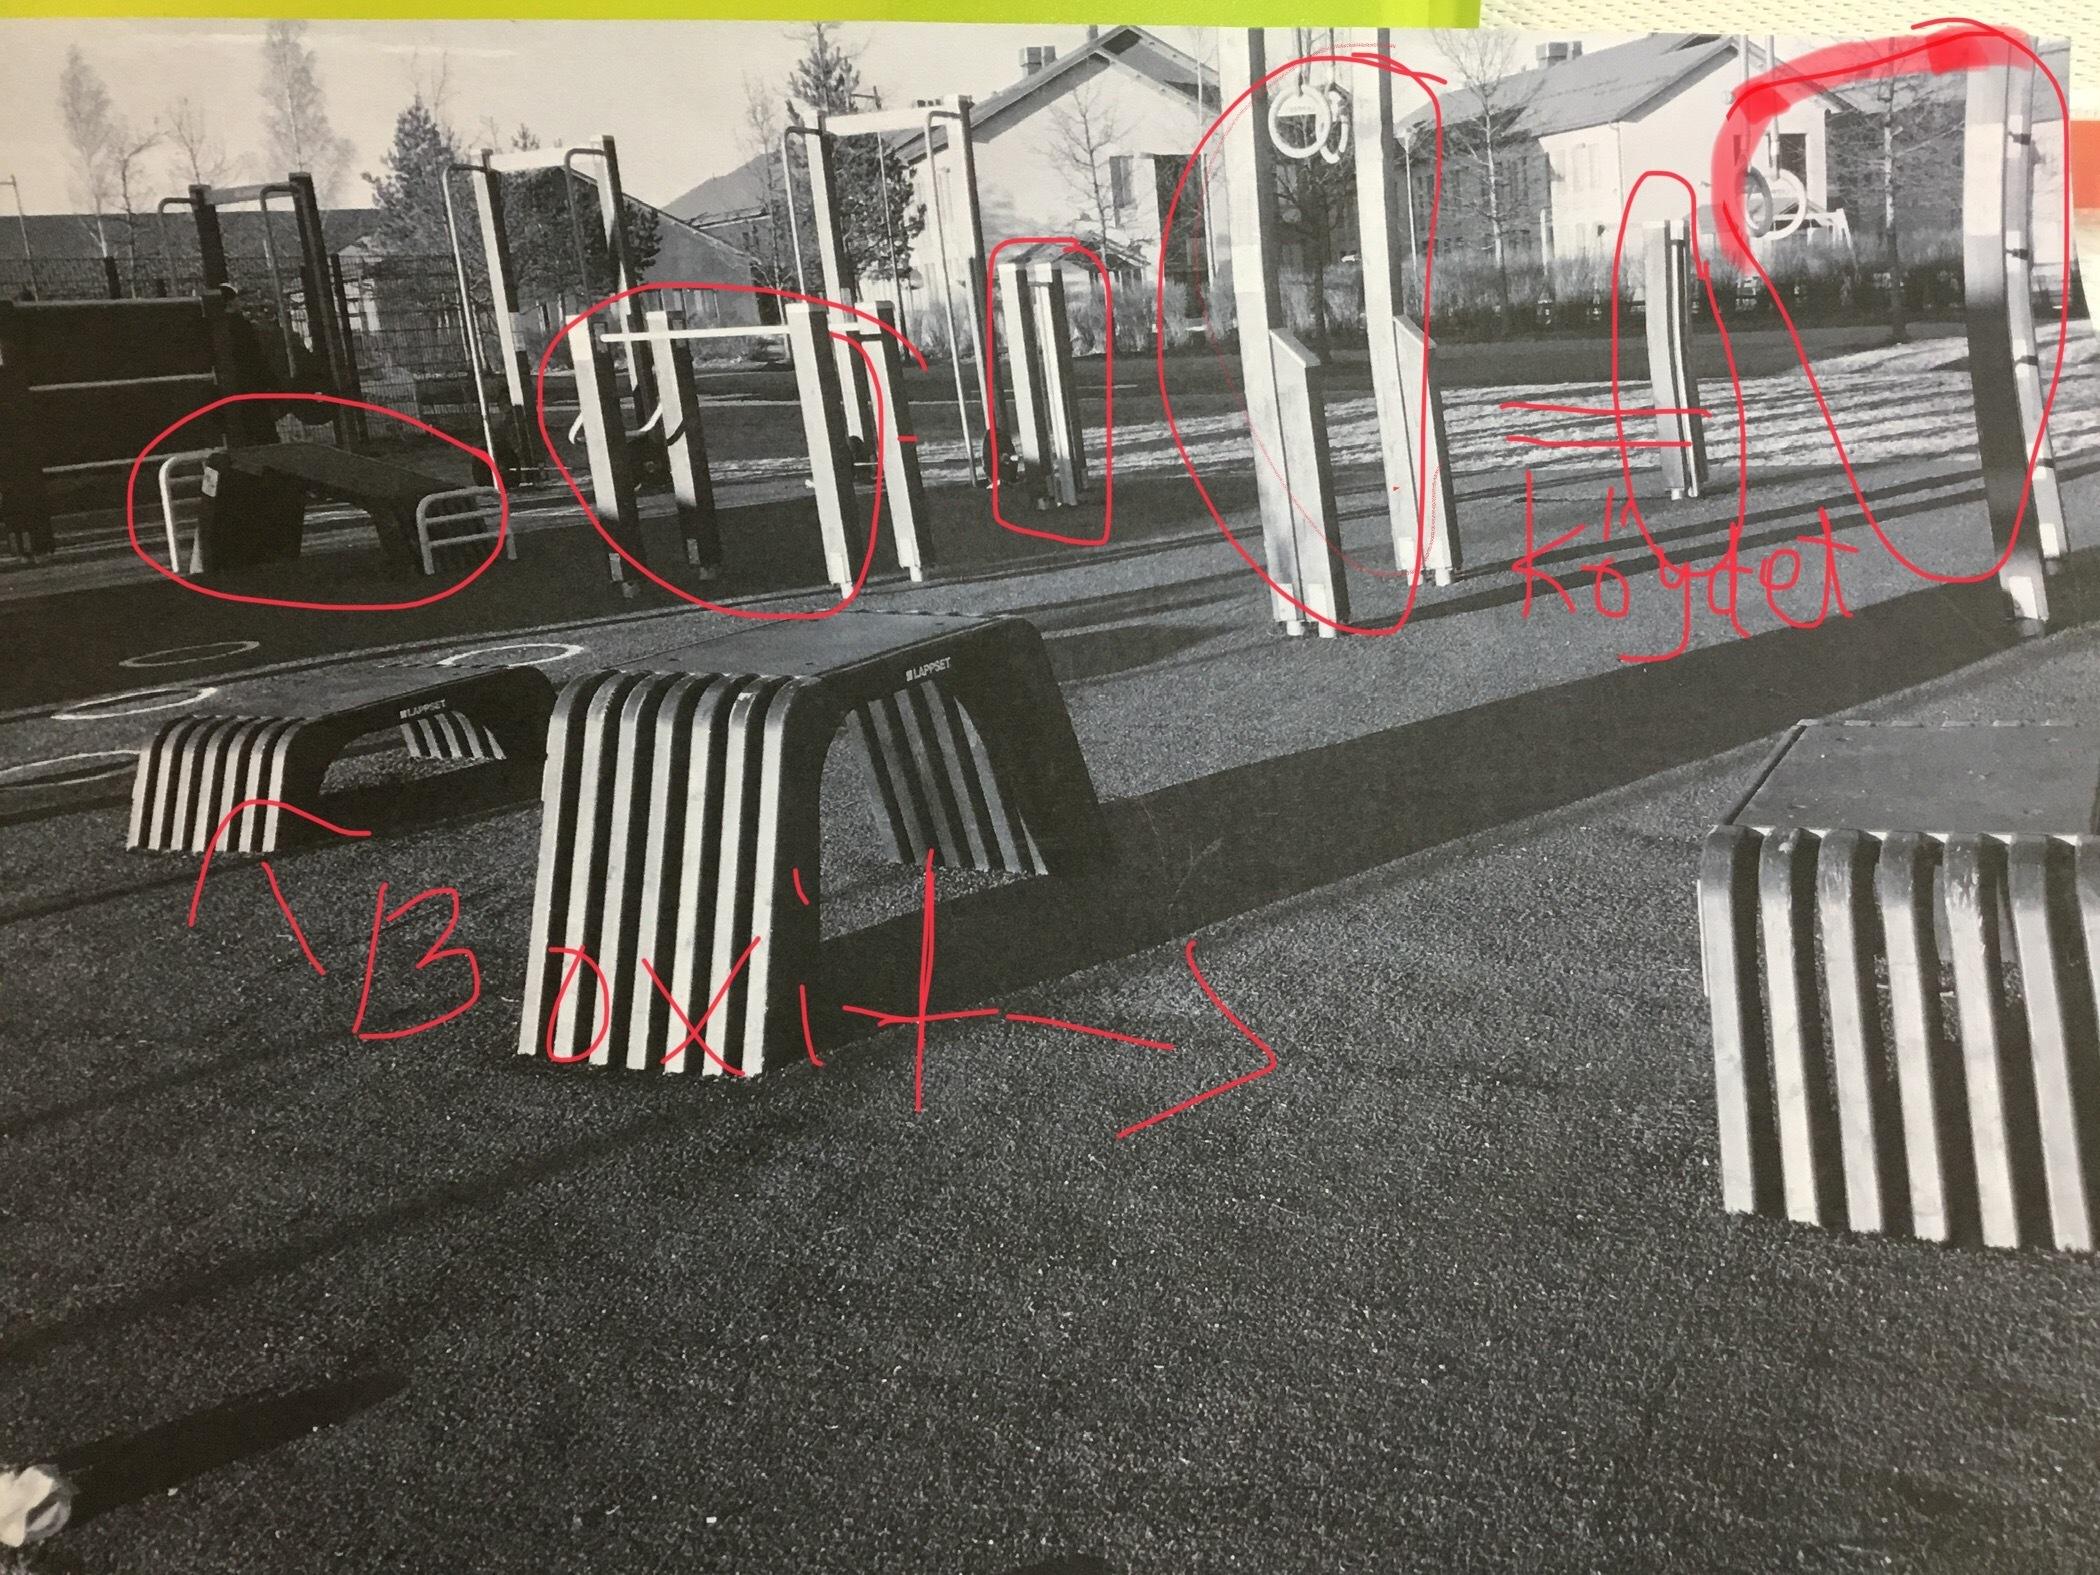 Ulkokuntoilupaikka Konalaan Riukuharjulle & Hilapellon puistoon - treeniä raikkaassa ulkoilmassa